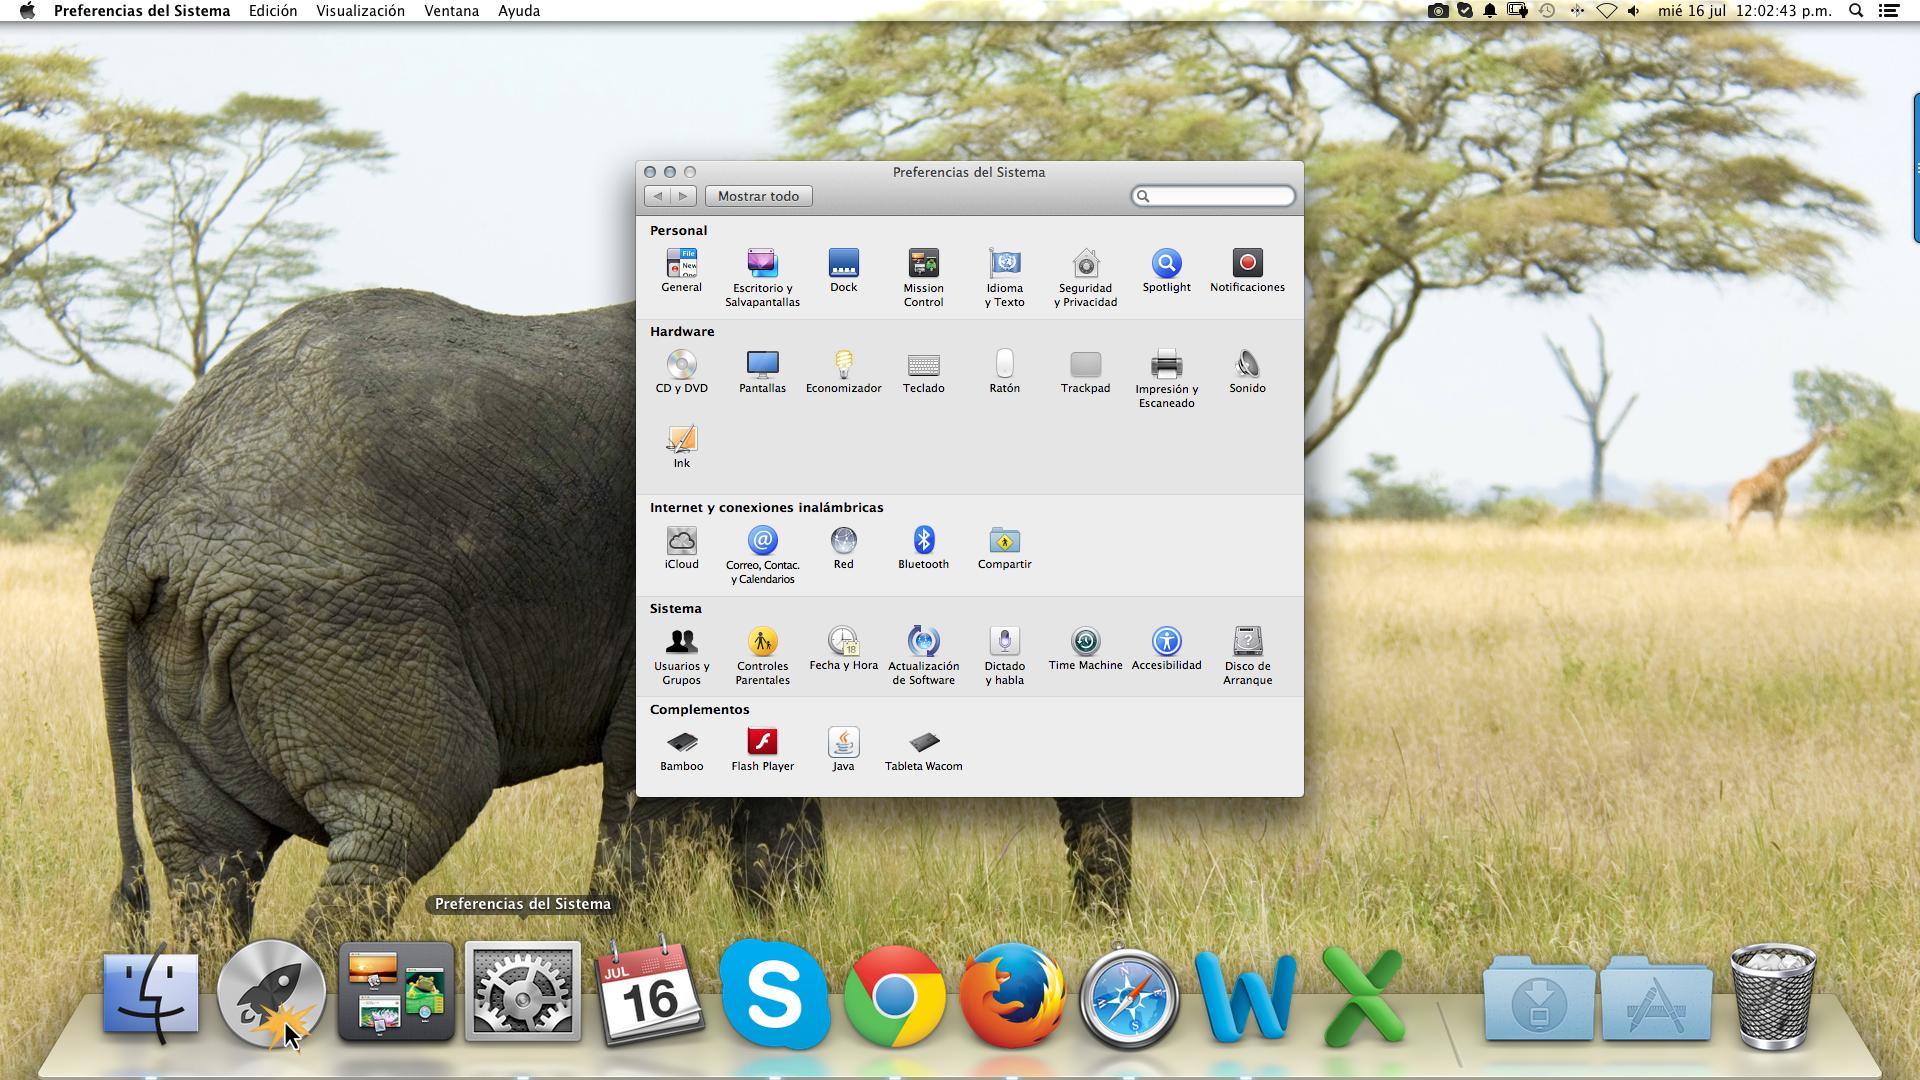 Preferencias del sistema paraahcer ajustes a la configuración en Mac Os X.